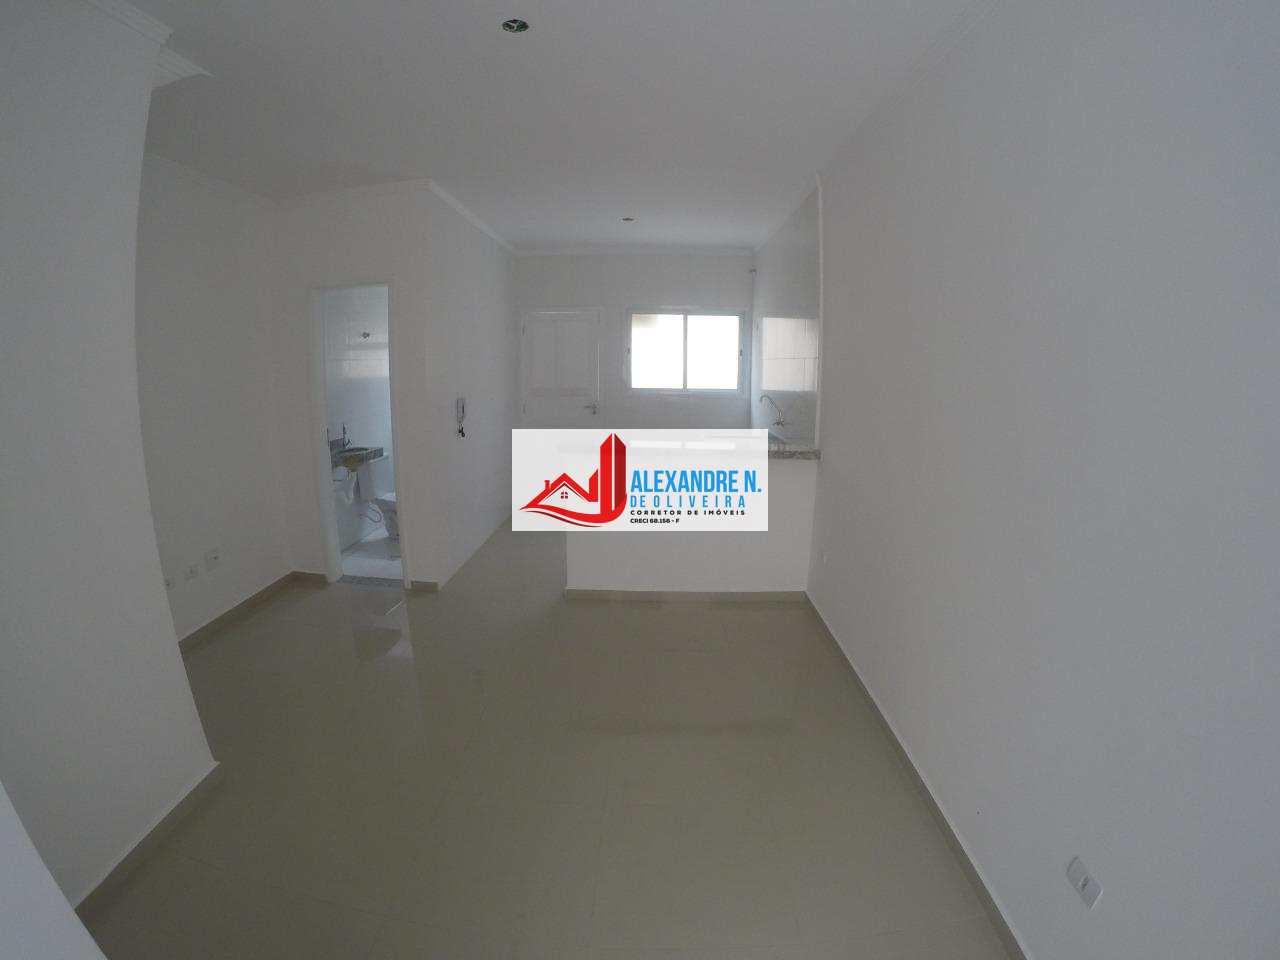 Sobrado novo, 2 dorms, 2 wcs, Praia Grande, R$ 210 mil, SB00007